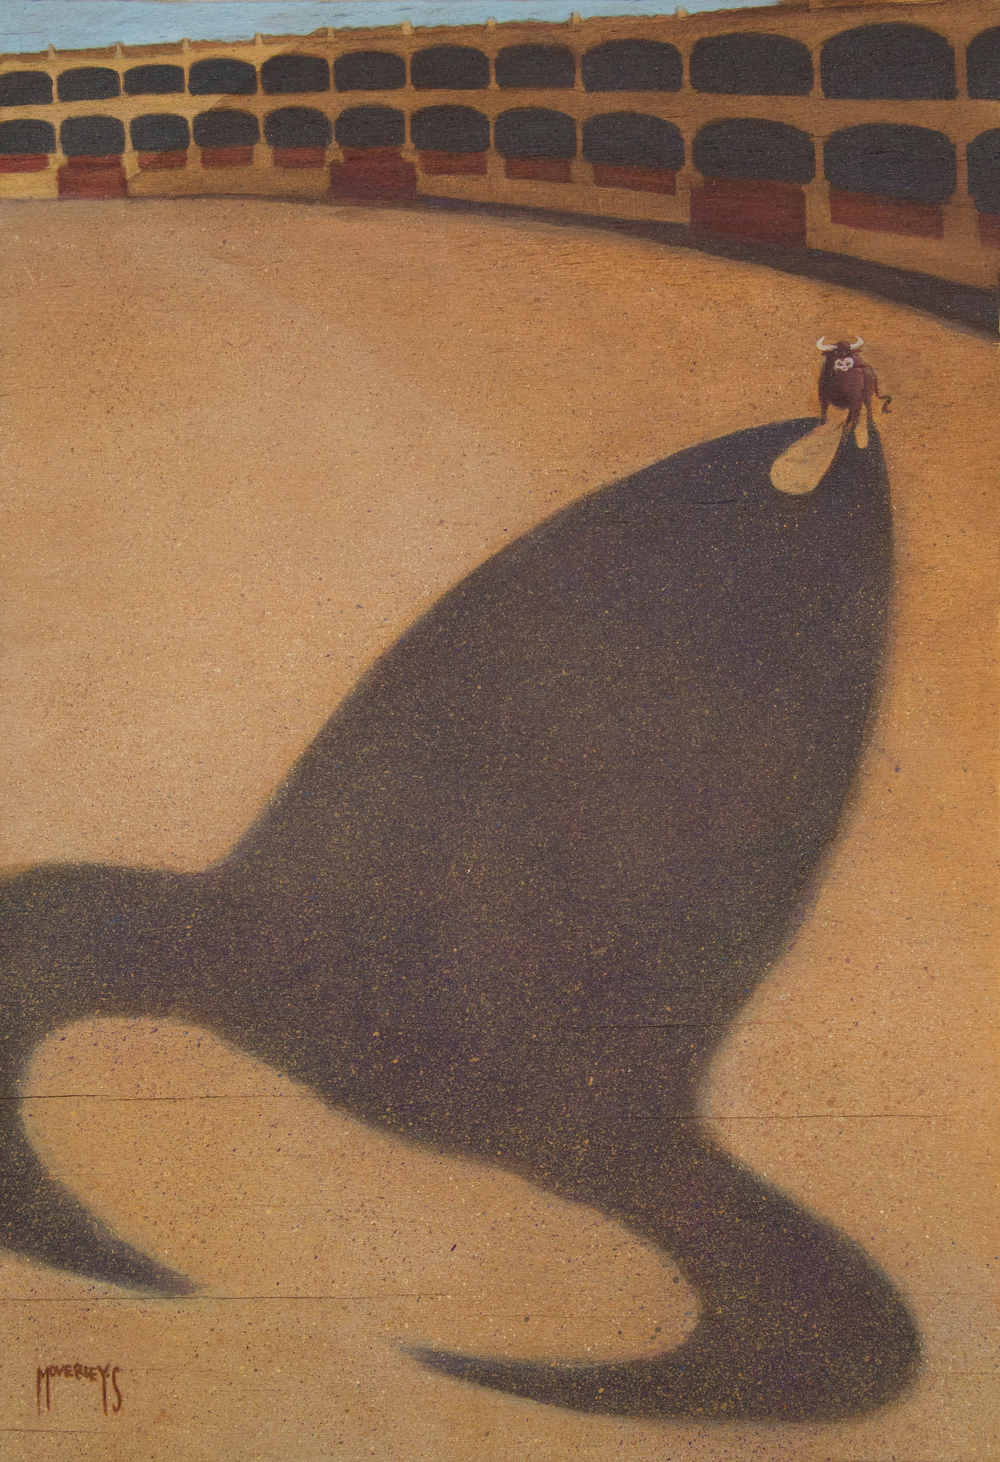 02_Ferdinand.jpg